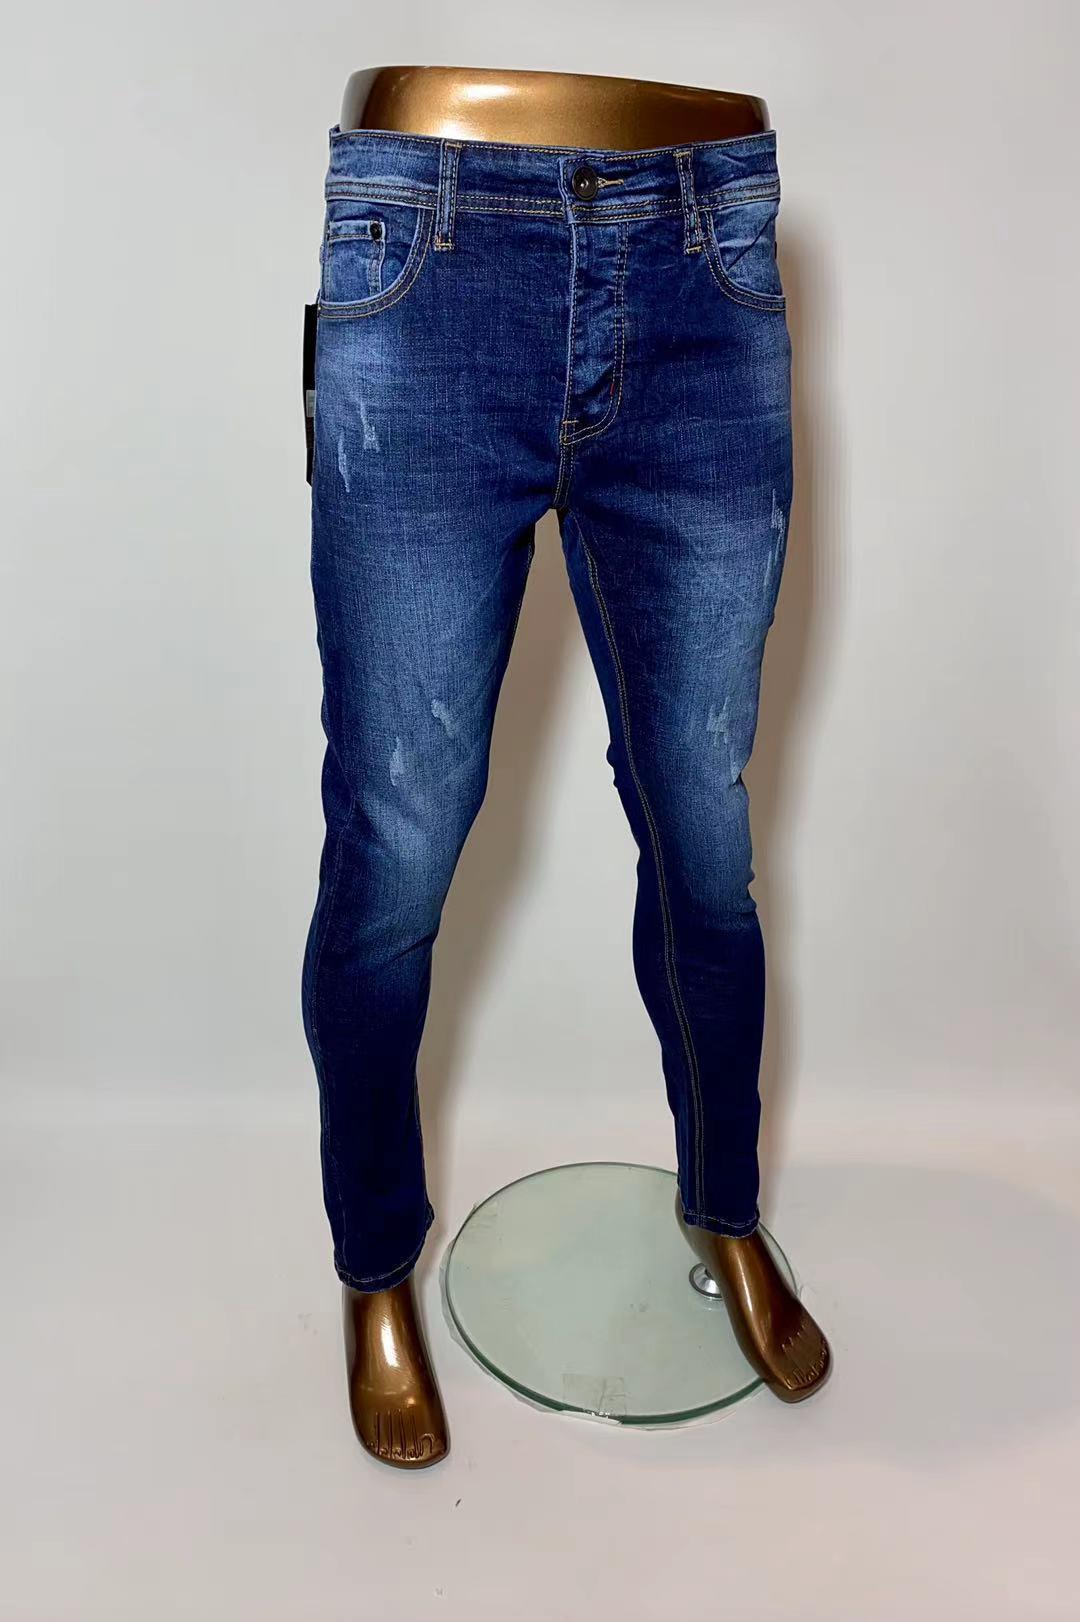 Jeans Homme Bleu jean OMNIMEN K803 #c eFashion Paris